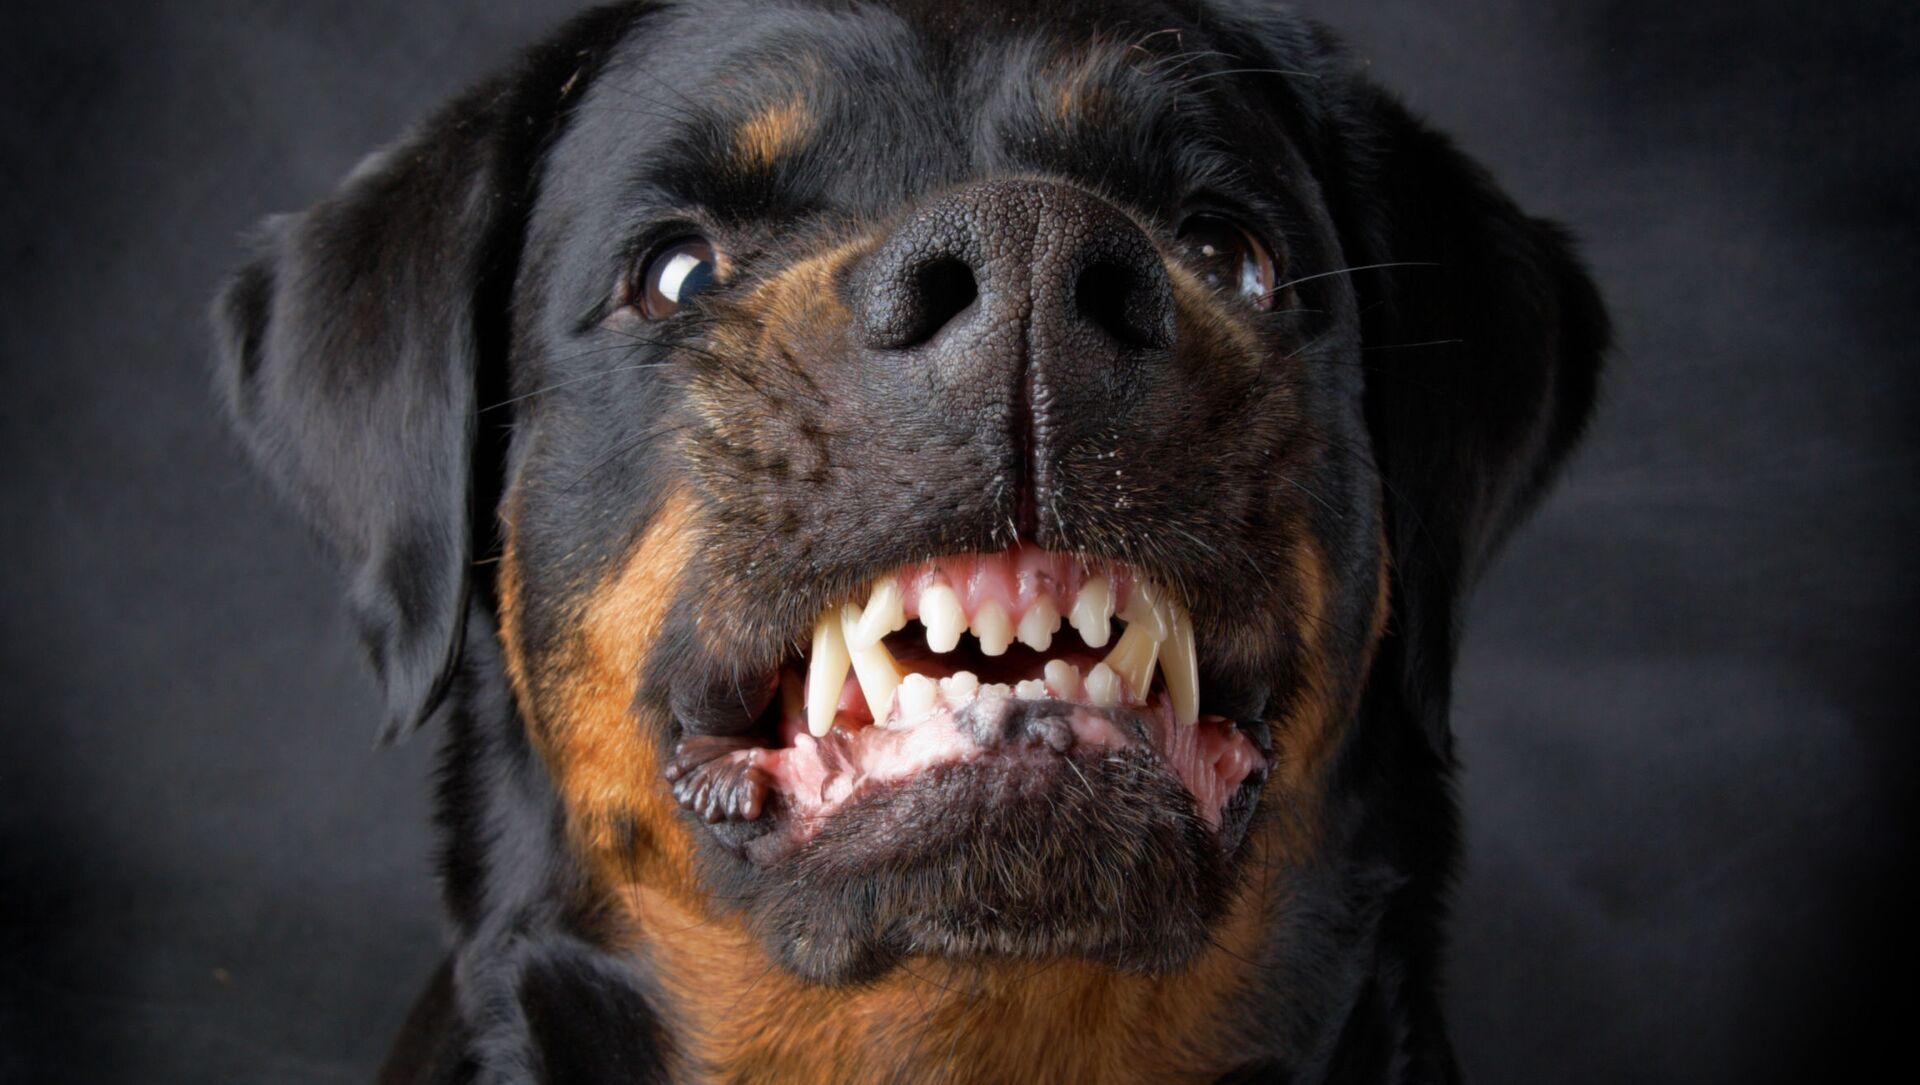 Agresivní pes. Ilustrační foto - Sputnik Česká republika, 1920, 02.04.2021